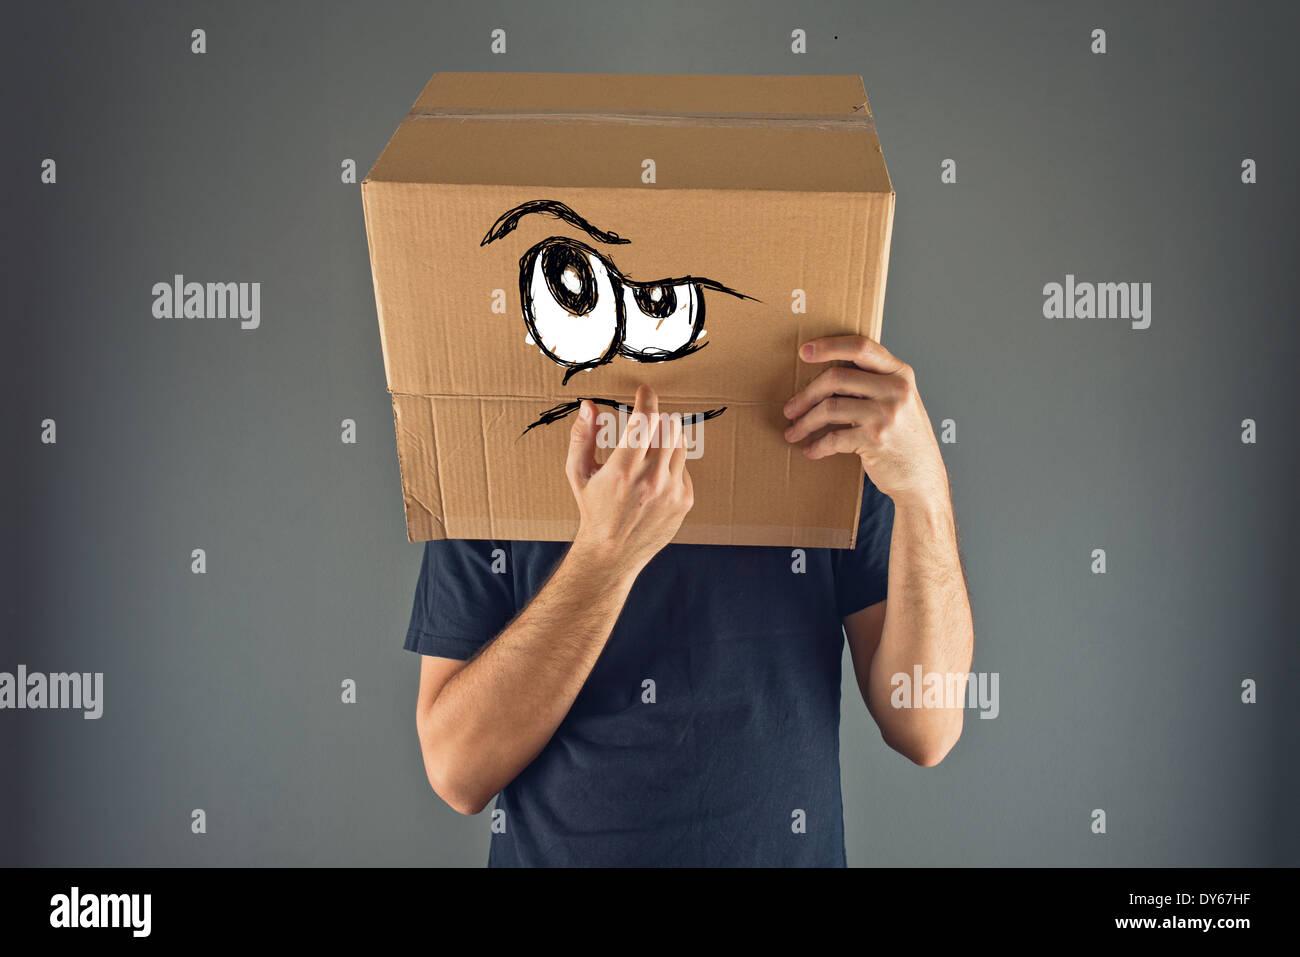 L'Homme pensant avec boîte en carton sur la tête avec sérieux l'expression. Photo Stock